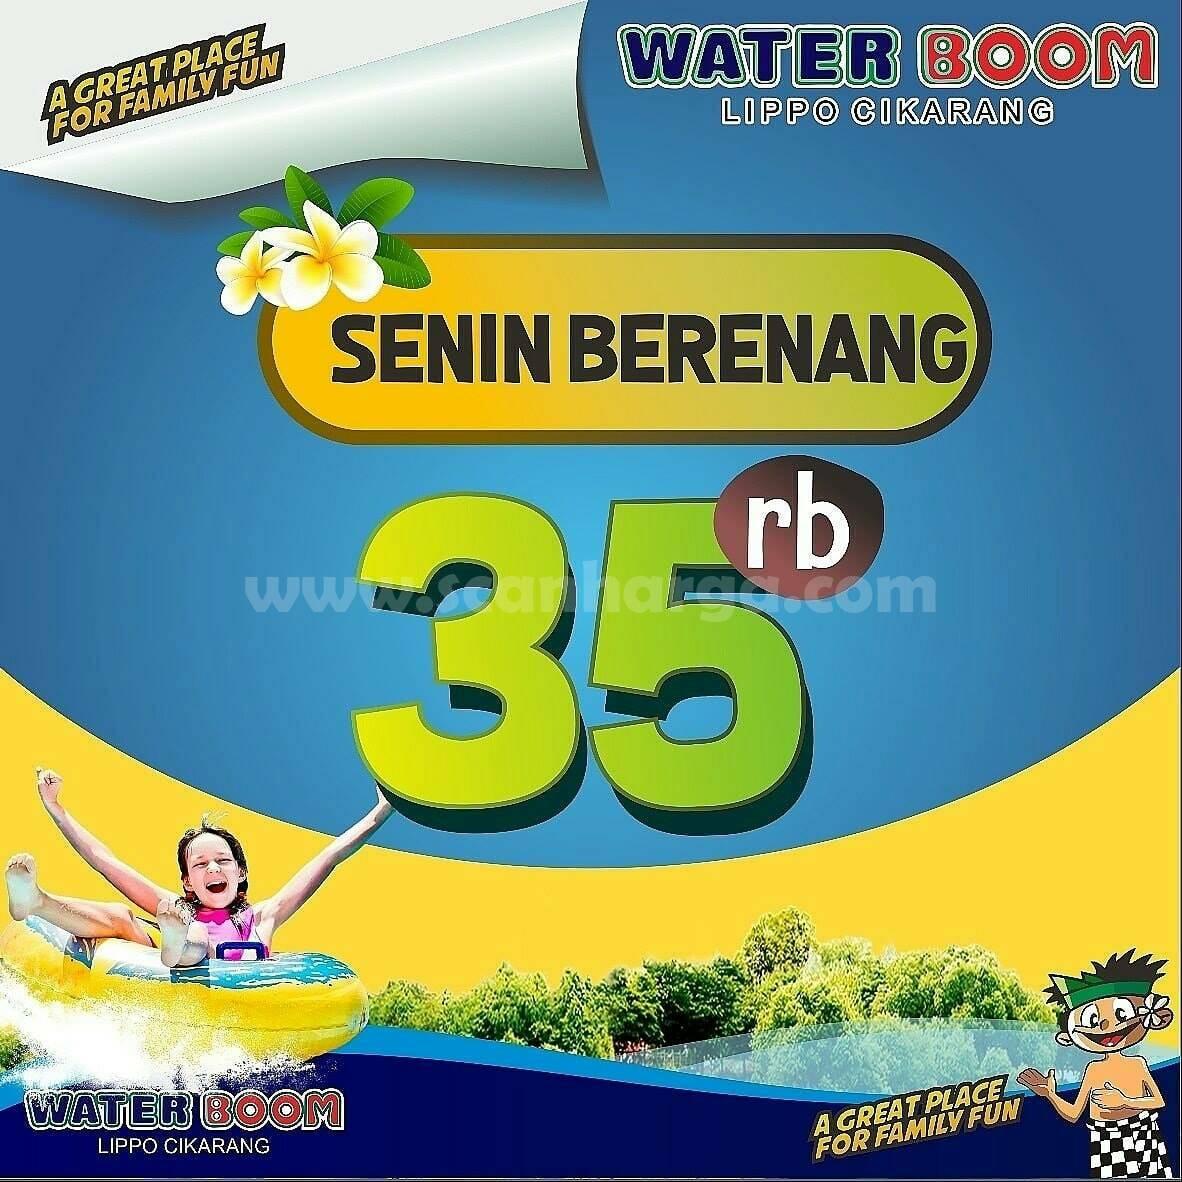 Waterboom Promo SENIN BERENANG cuma Rp 35.000*